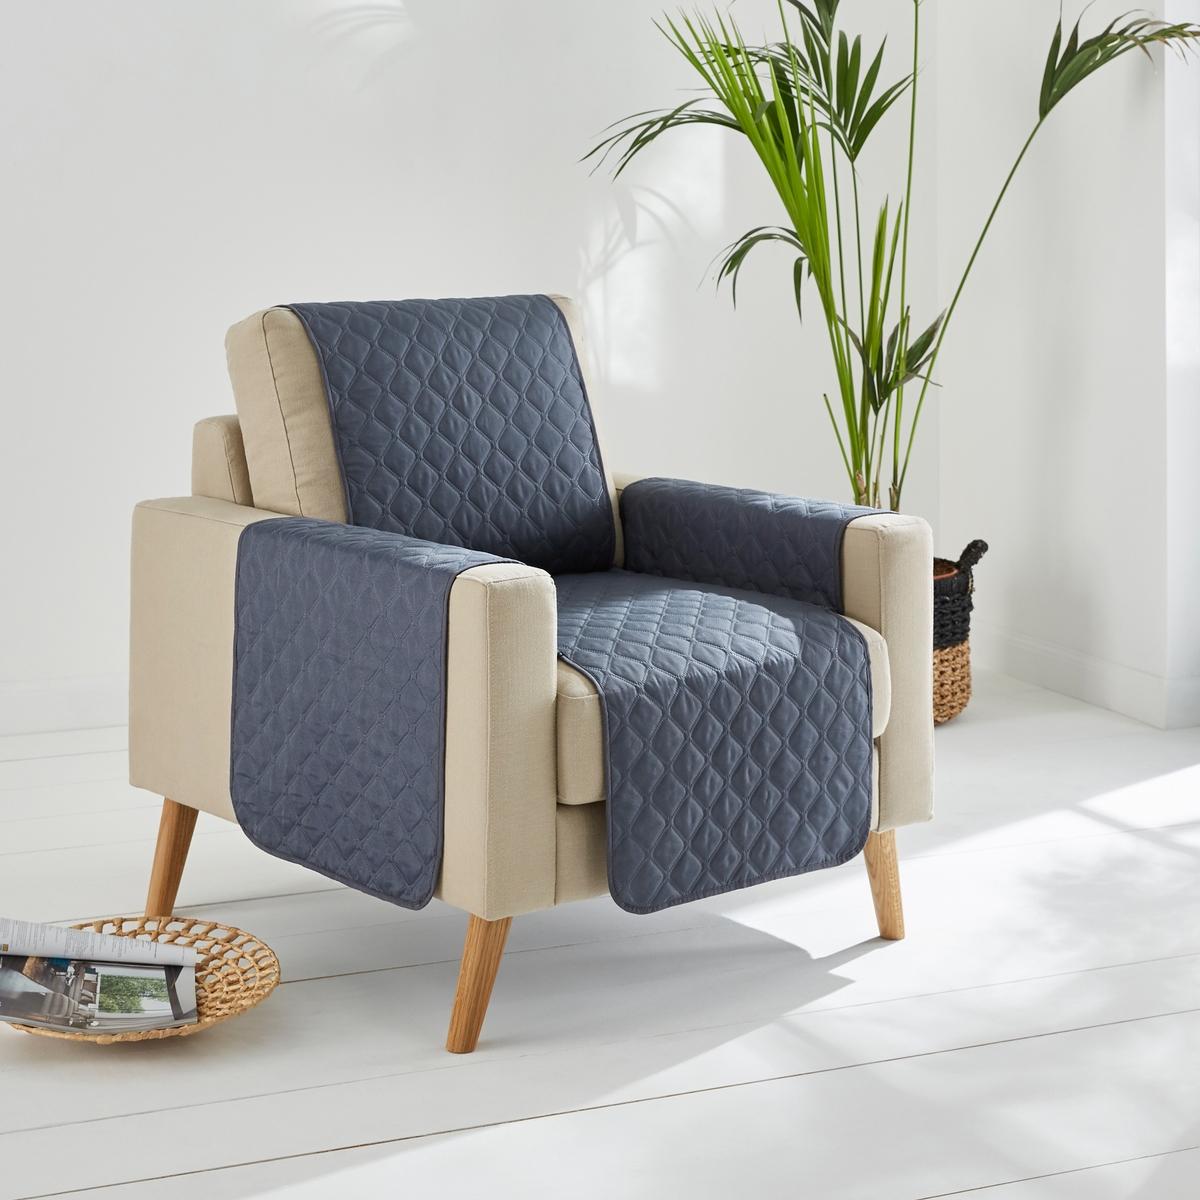 Чехол защитный для кресла или дивана, Oralda